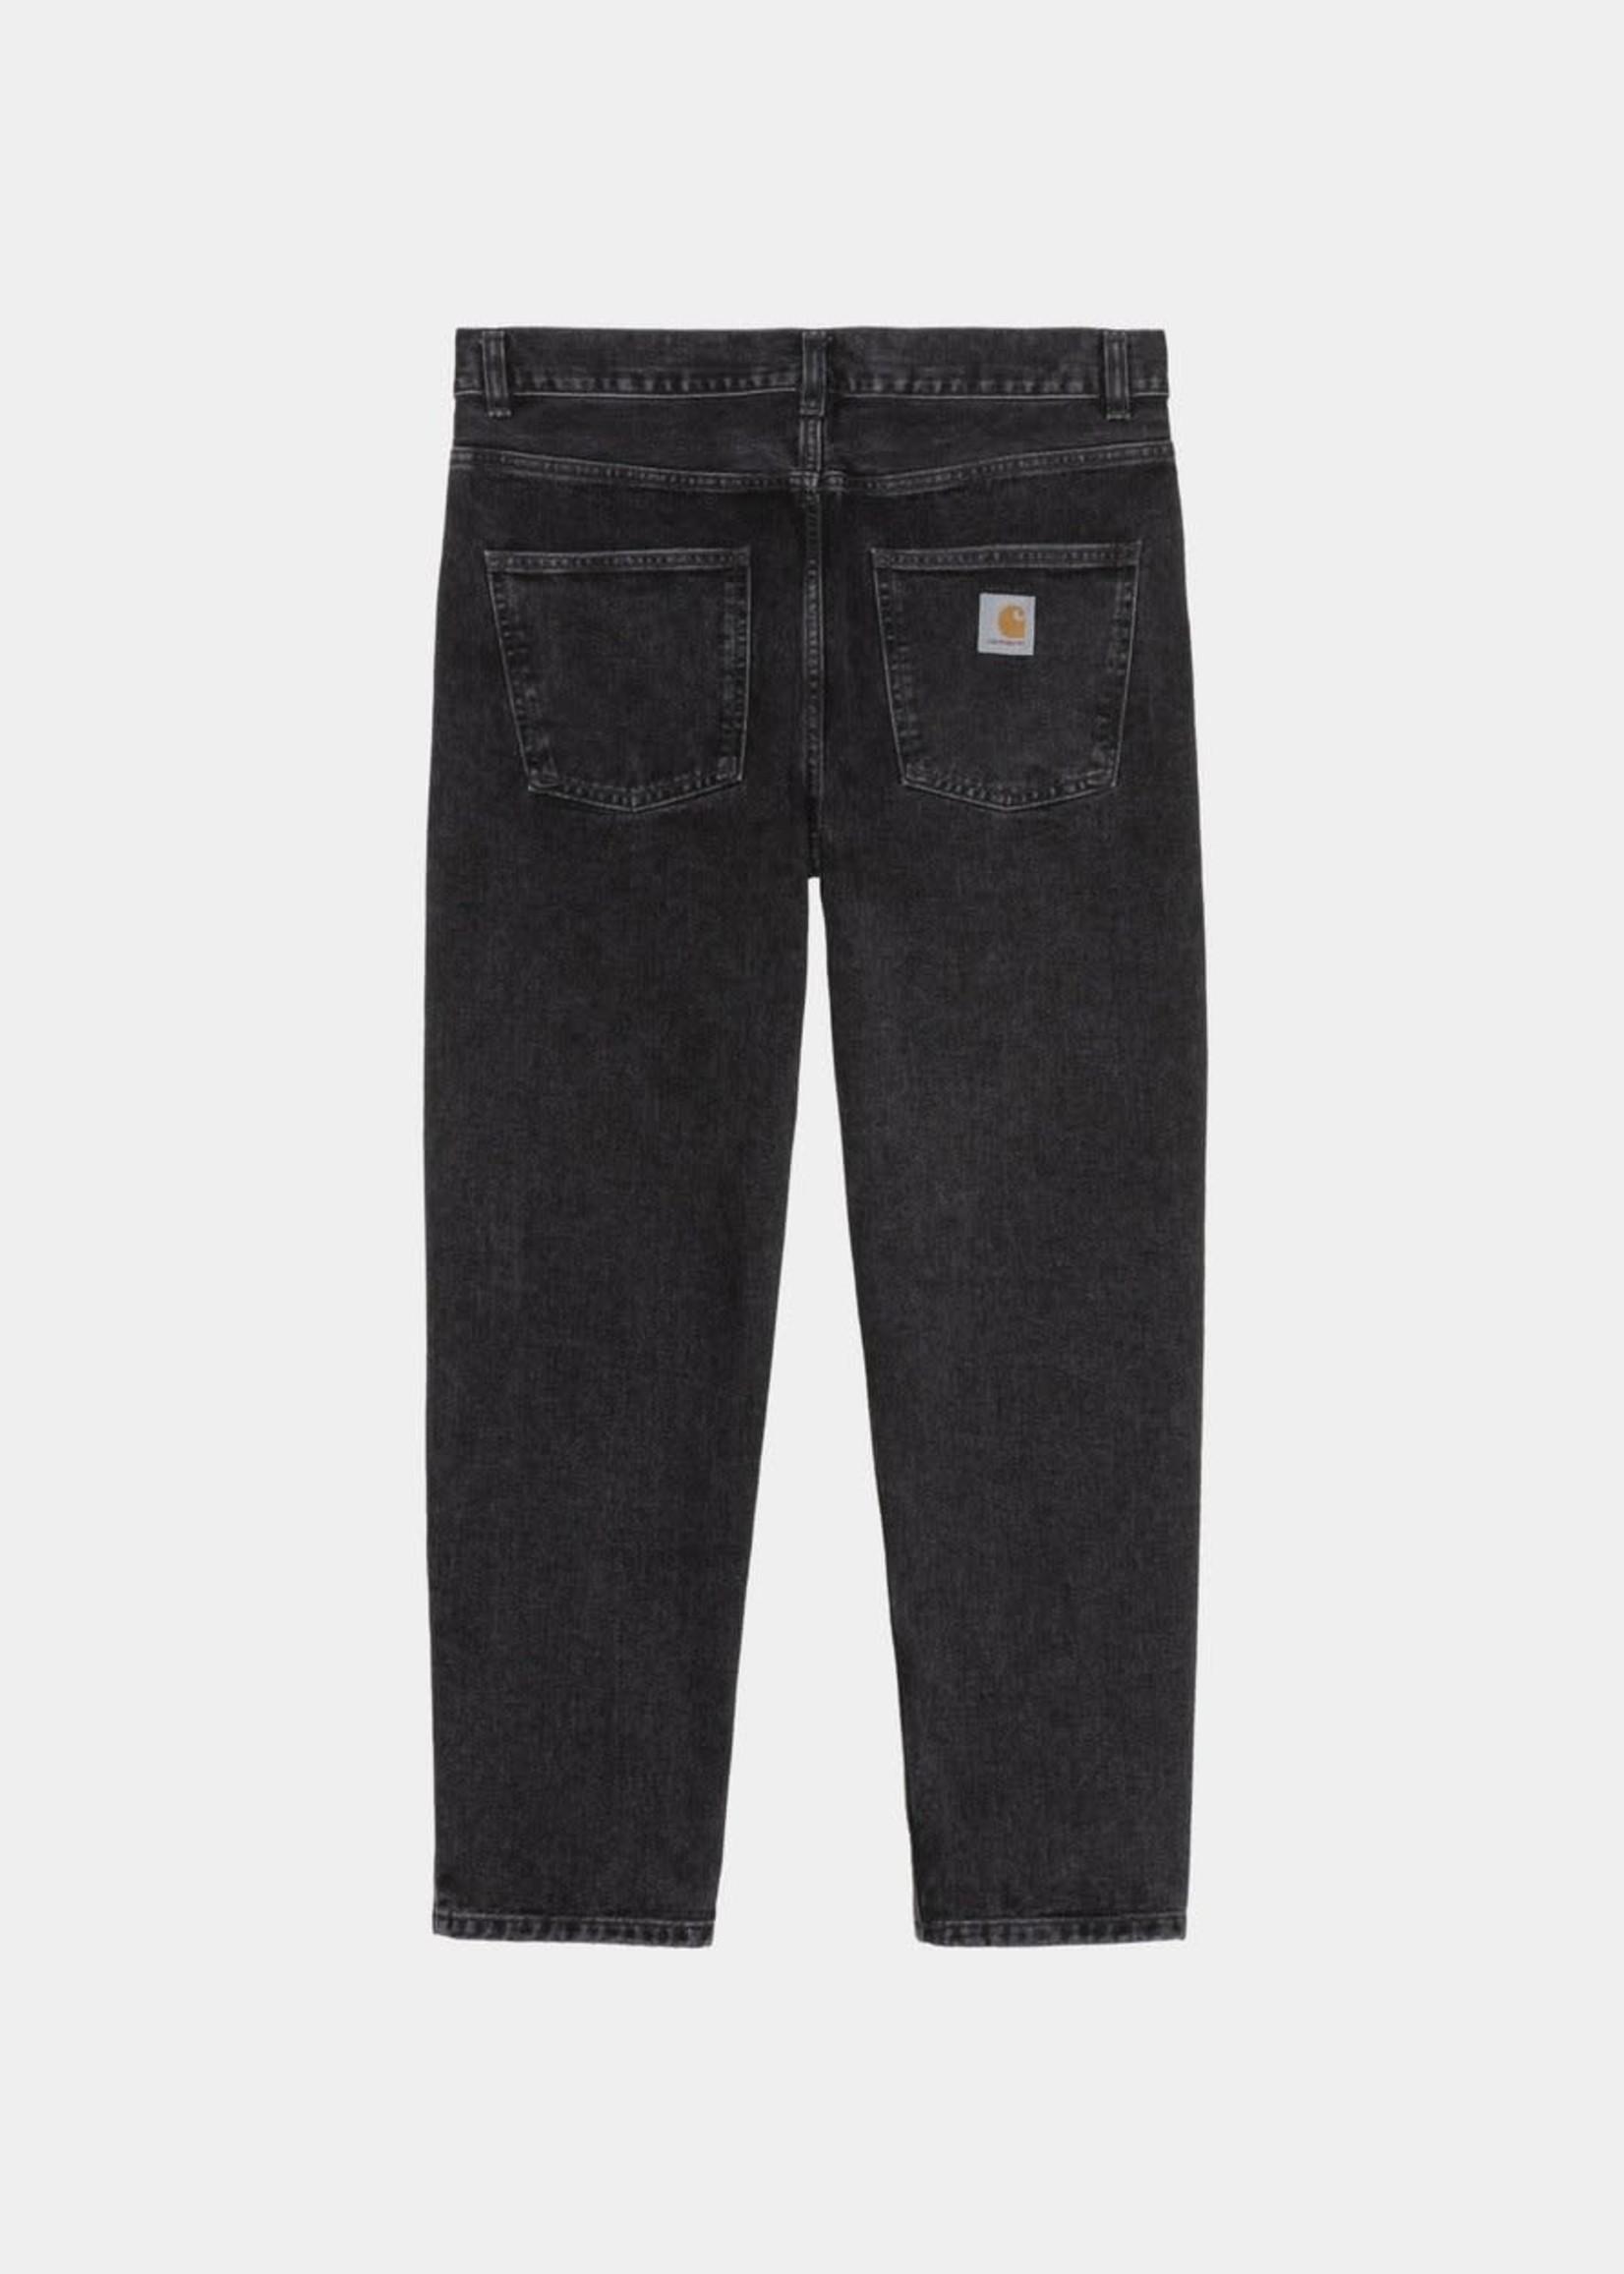 Carhartt Work In Progress Newel Jeans in Black Stone Wash